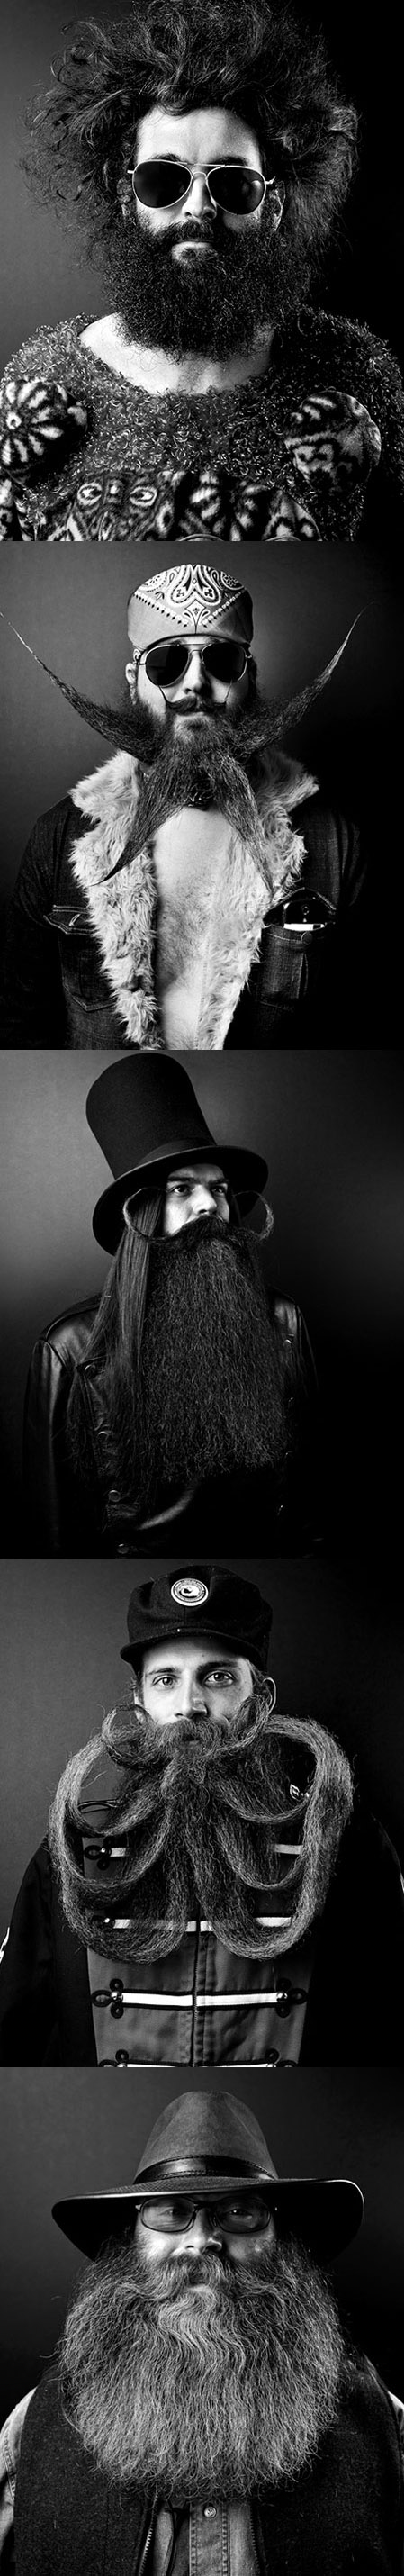 Portraits Of Fuzzy Men Justin James Muir S A Book Of Beards Http Www Bookofbeards Com Hair And Beard Styles Artist Inspiration Beard No Mustache